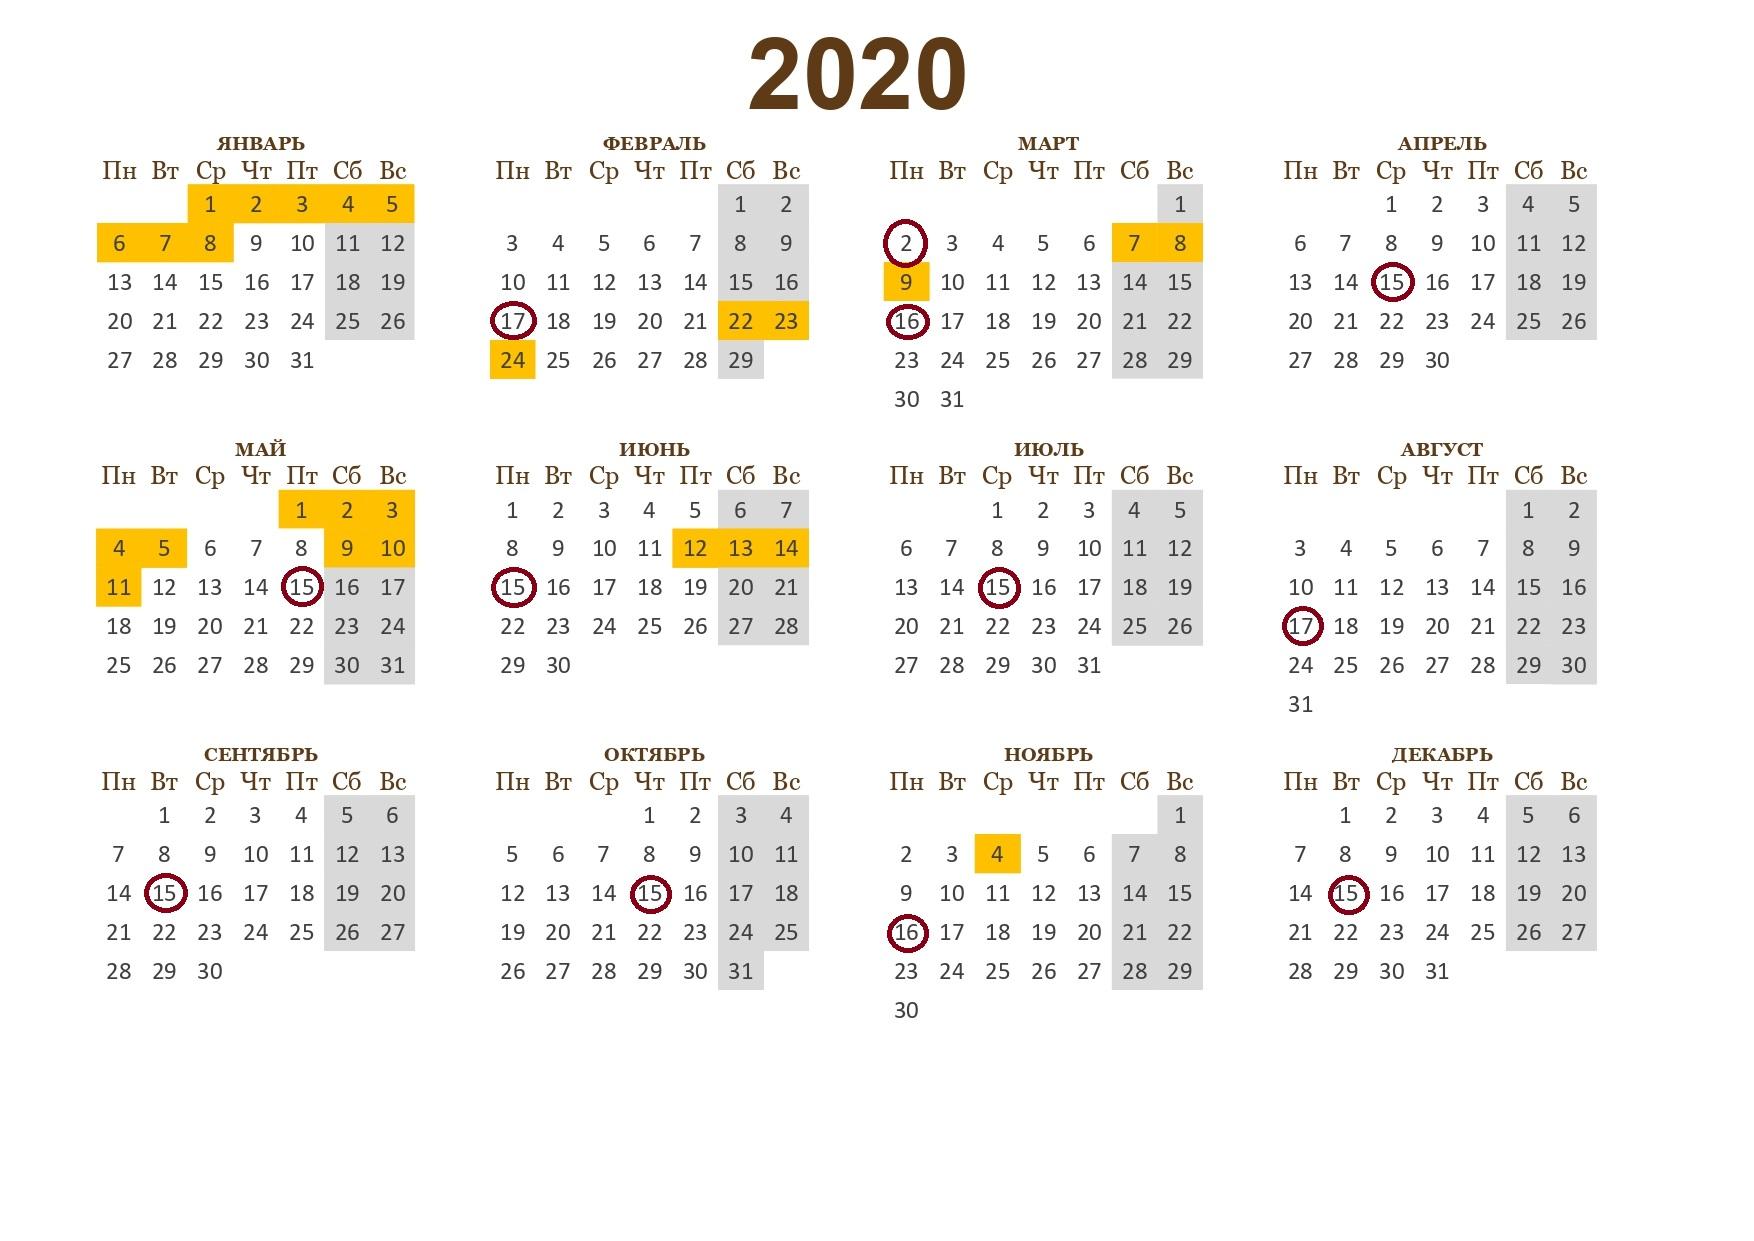 реквизиты для оплаты налога по усн за 2020 год для ип нижний новгород